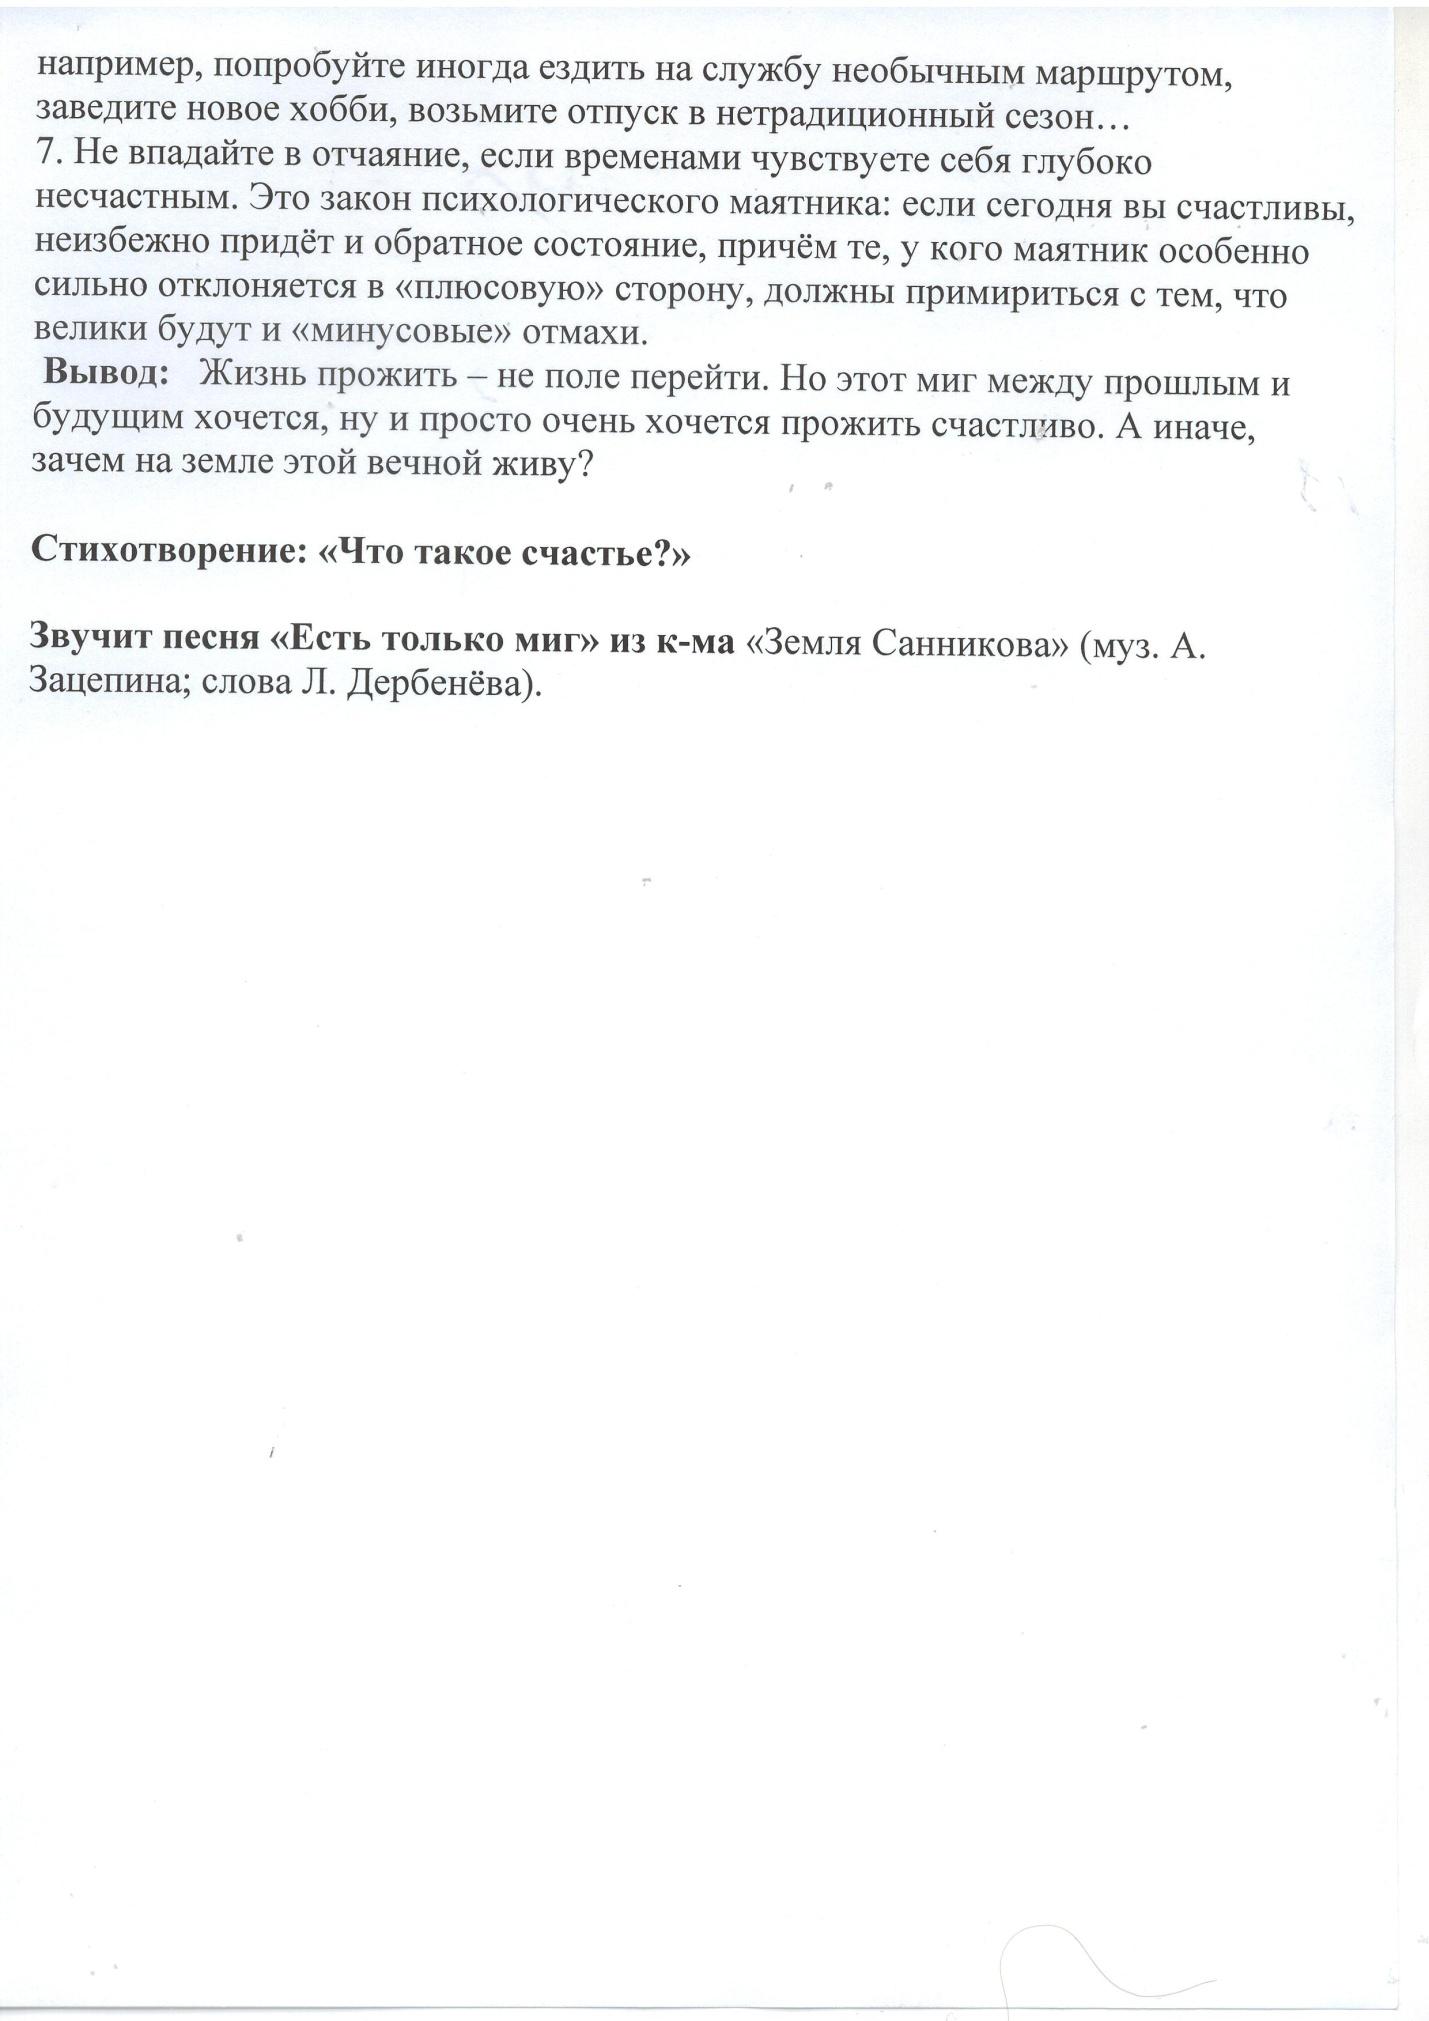 C:\Documents and Settings\Admin\Мои документы\внеклассное мероприятие\Сохранить0037.JPG